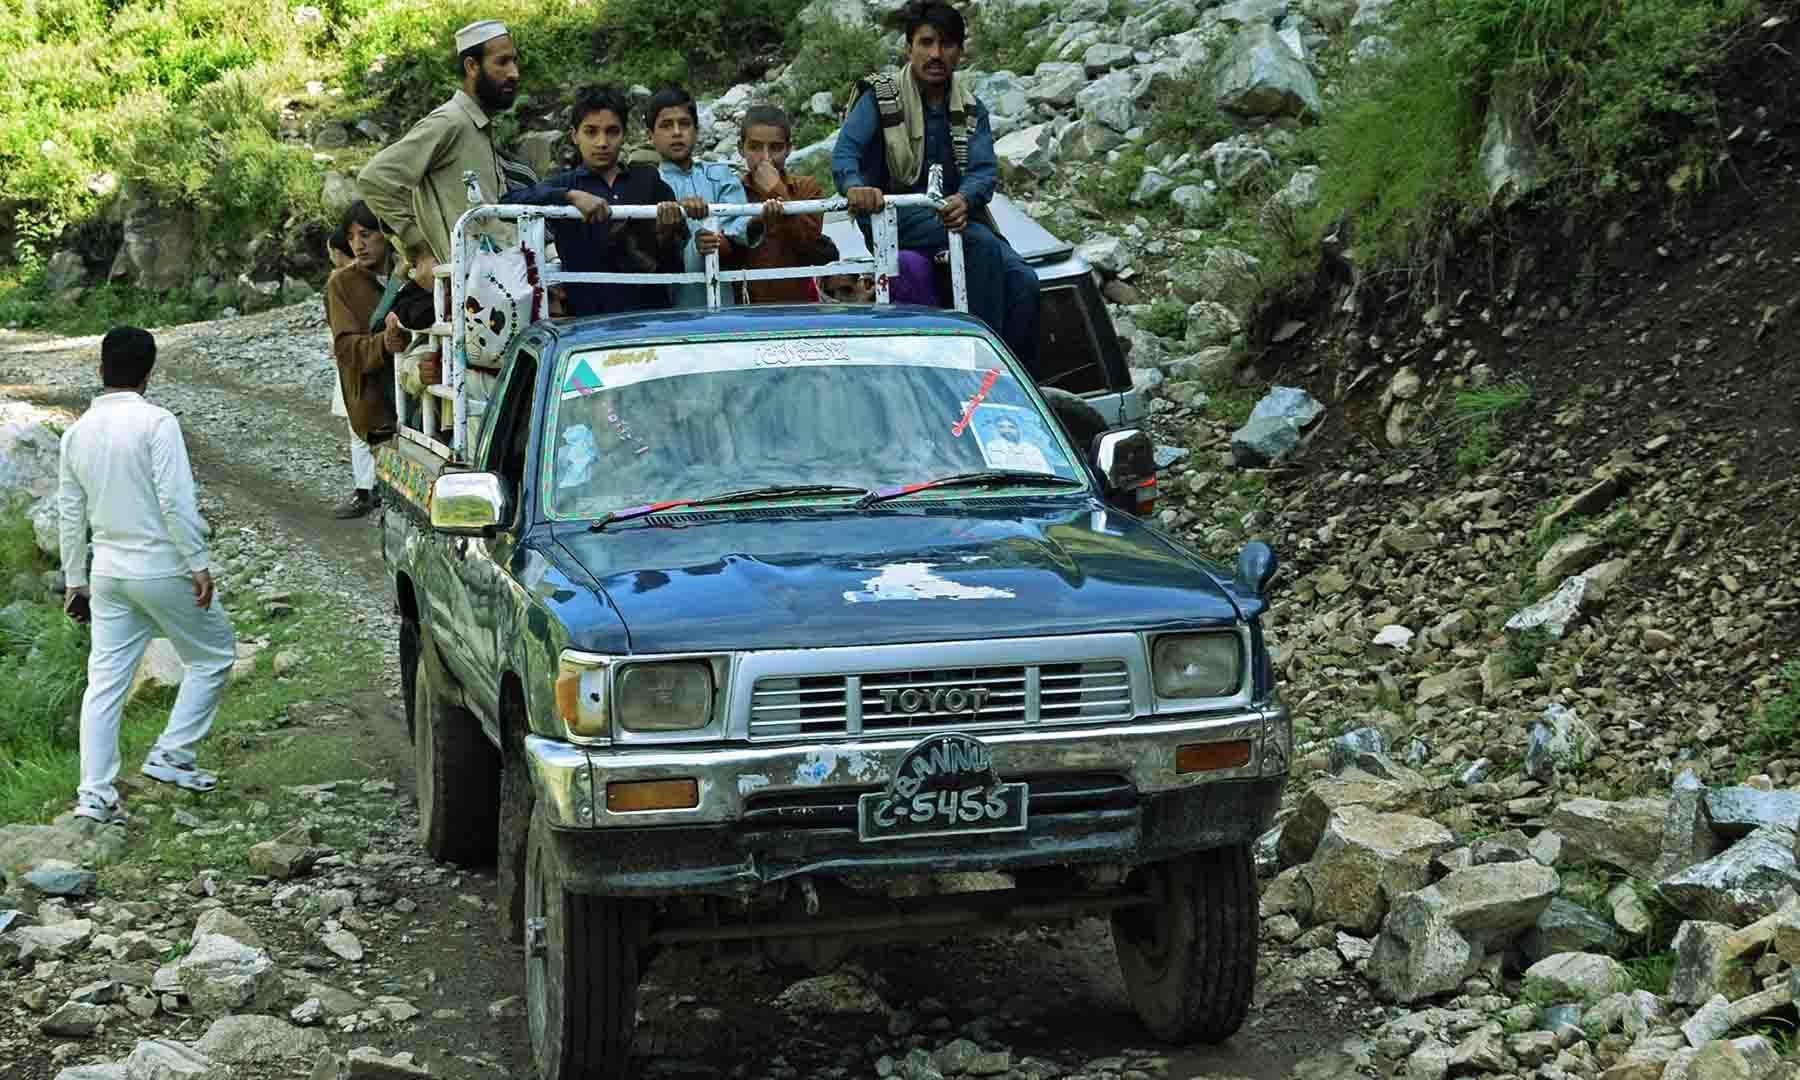 جیپ ایبل ٹریک کا منظر— تصویر امجد علی سحاب